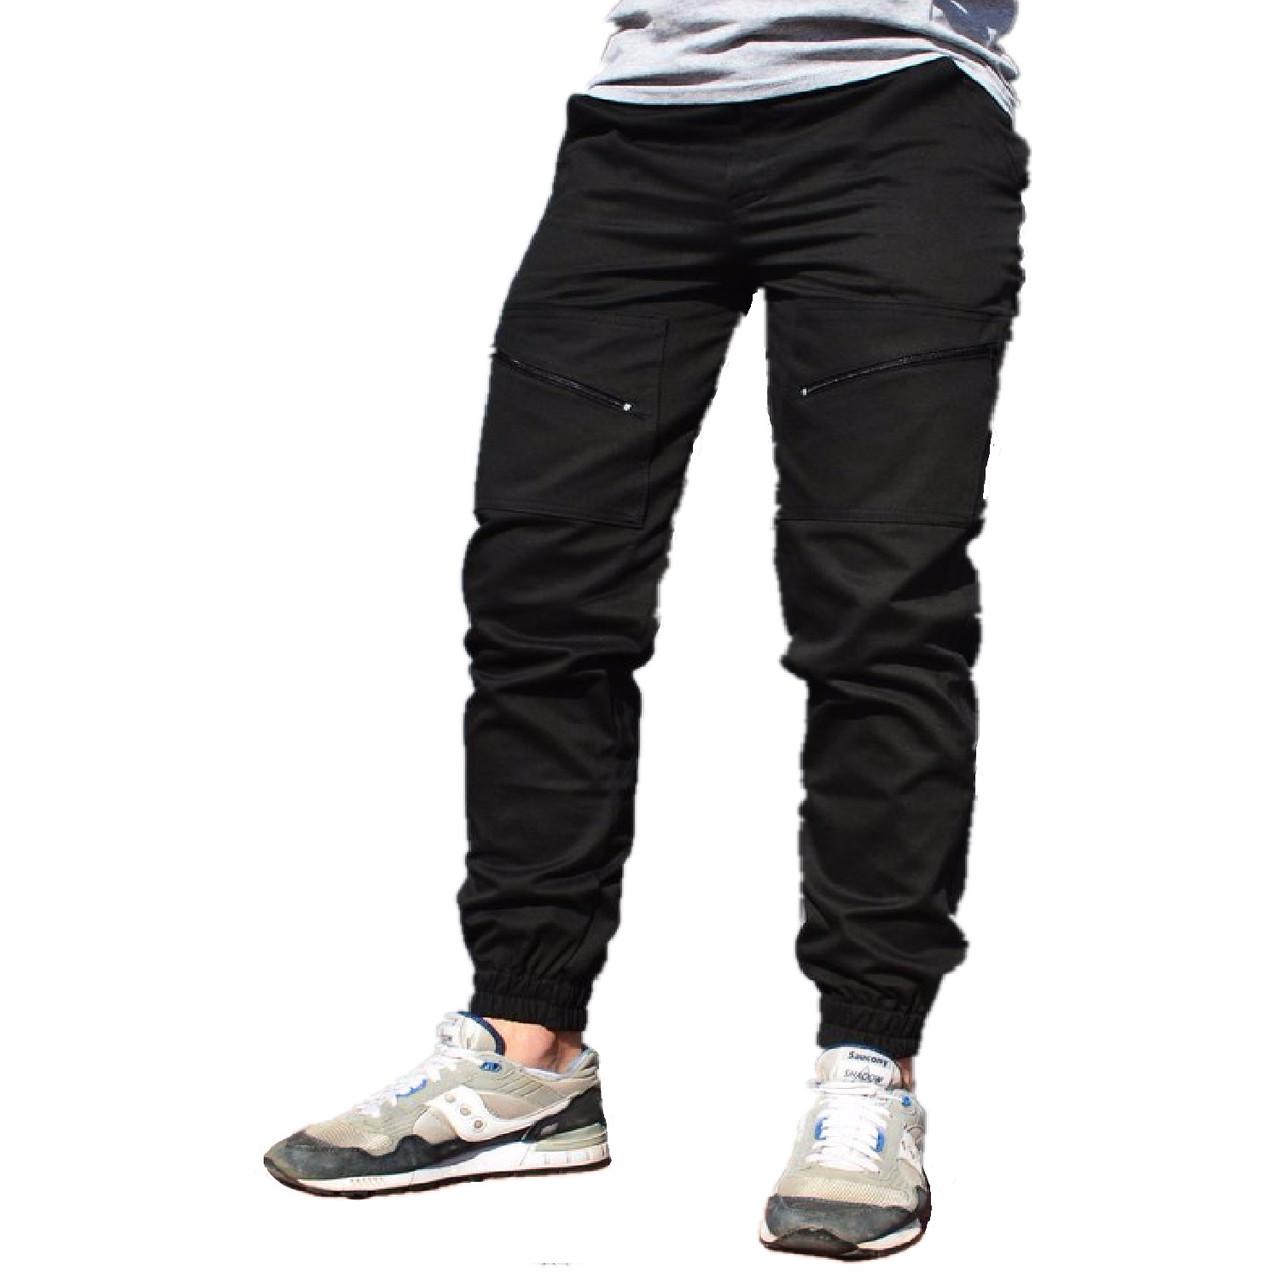 b9c00088 Мужские штаны зауженные с манжетами, черные - Магазин обуви Brand Market  (бренд онлайн)